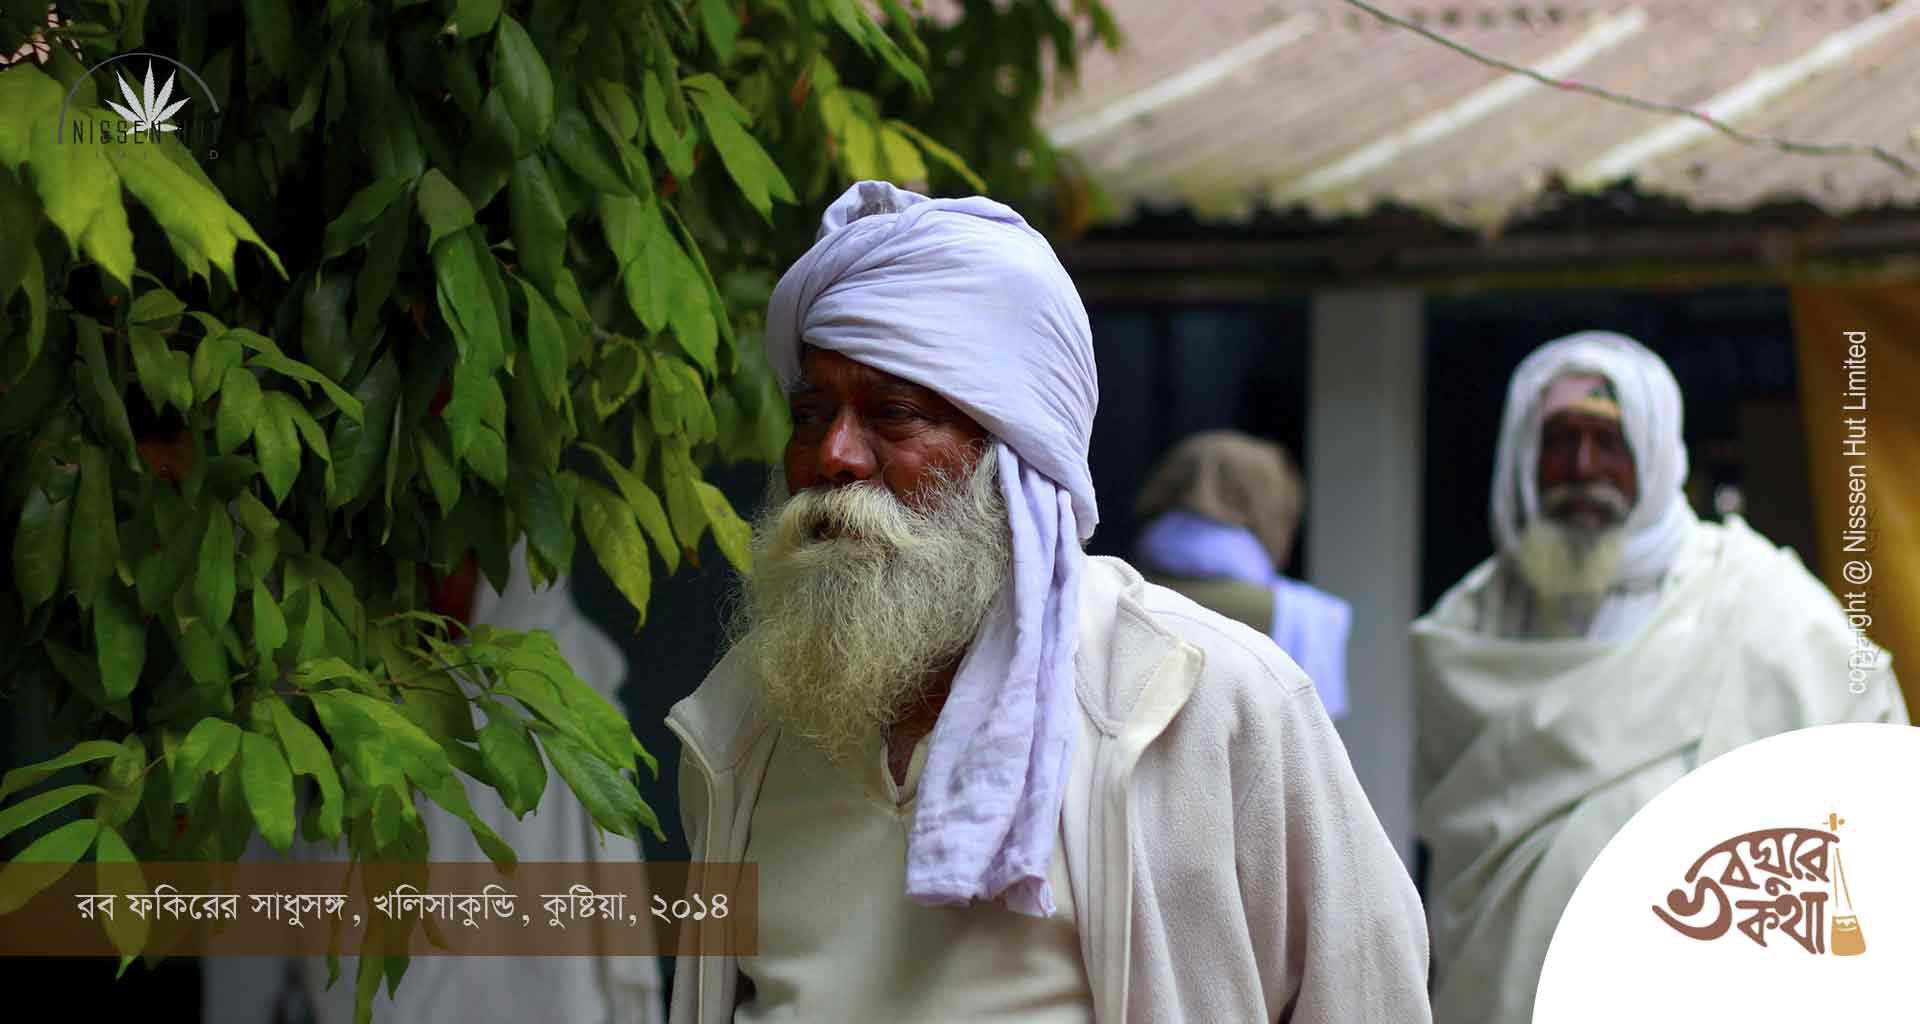 সাধুসঙ্গ সাধুগুরু পরম্পরা ফকির